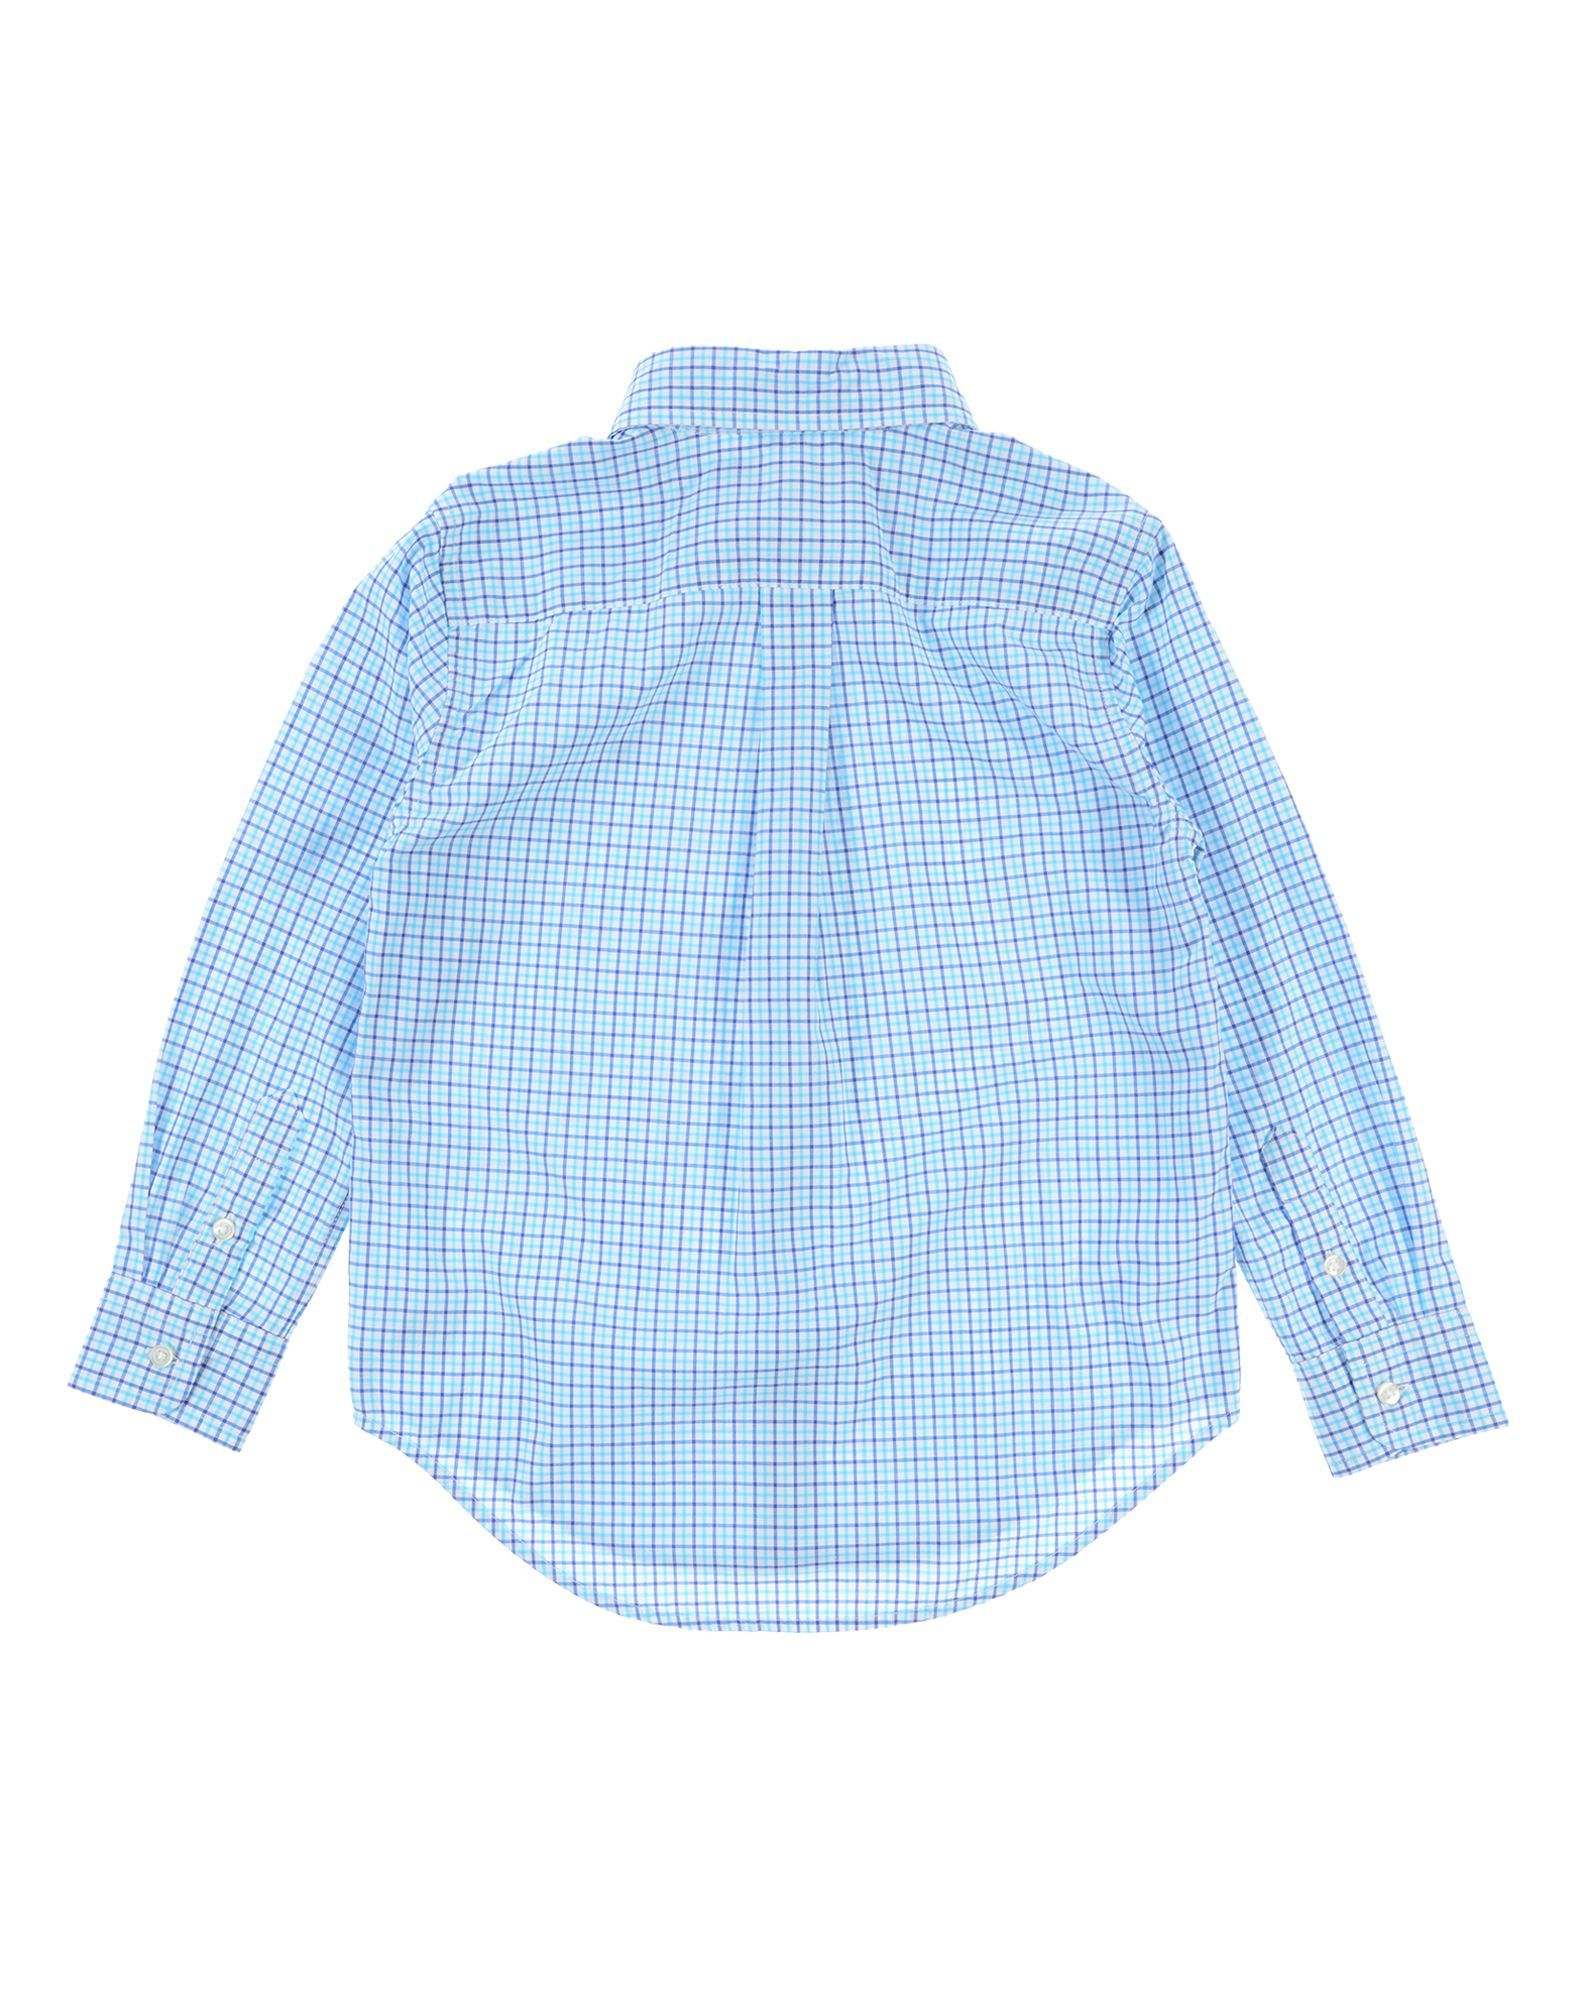 Ralph Lauren Boy Shirts Cotton